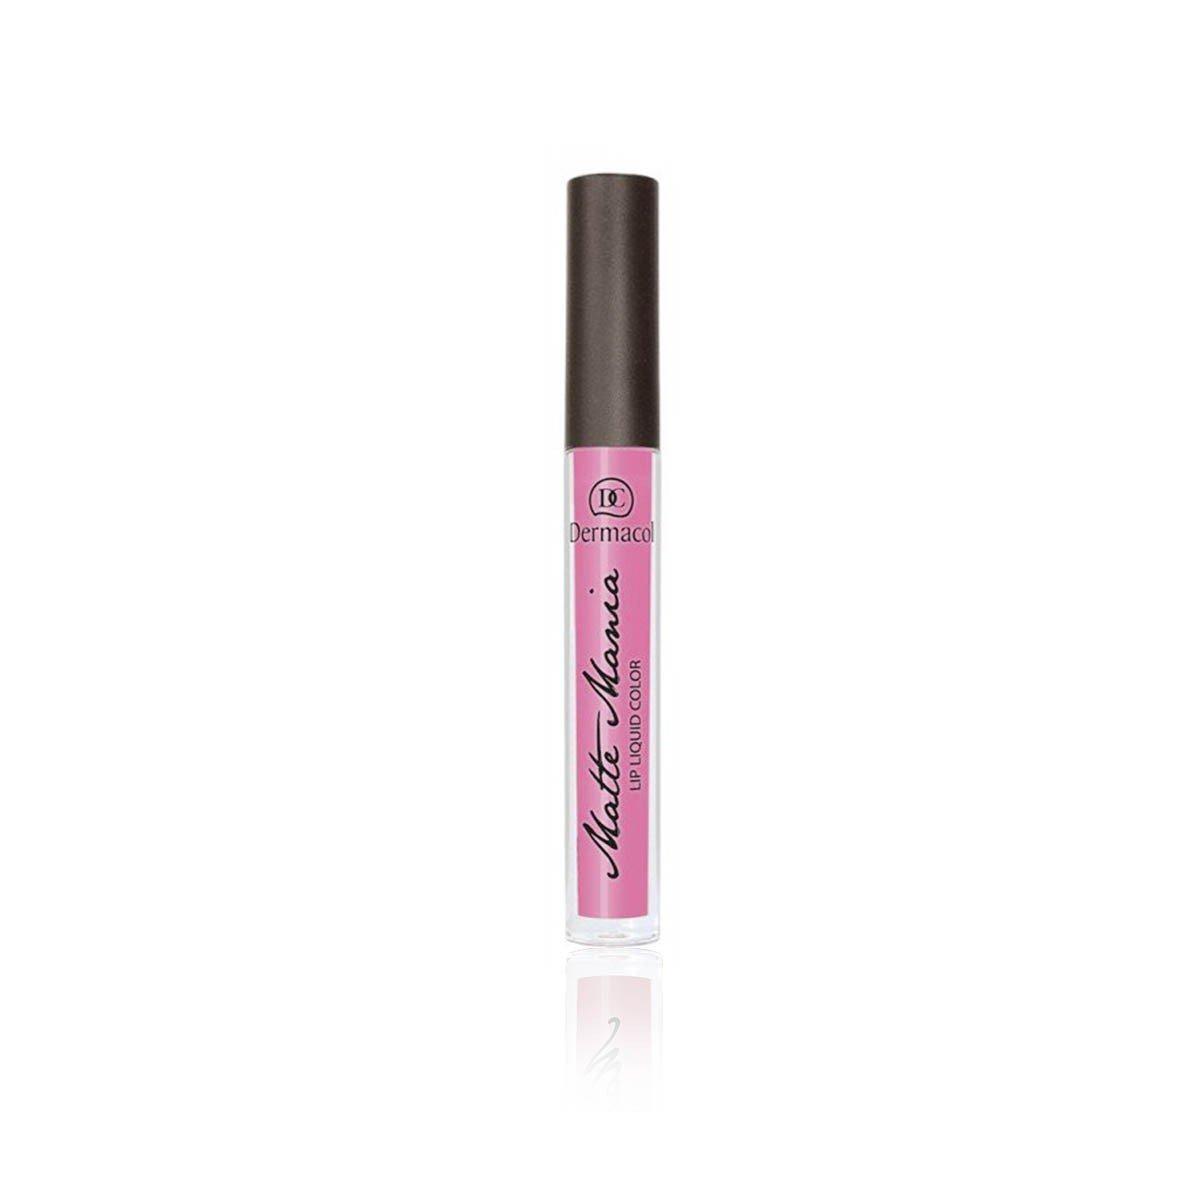 b4cf7196cf7 Vedel huulepulk Dermacol Matte Mania 3,5 ml, 30